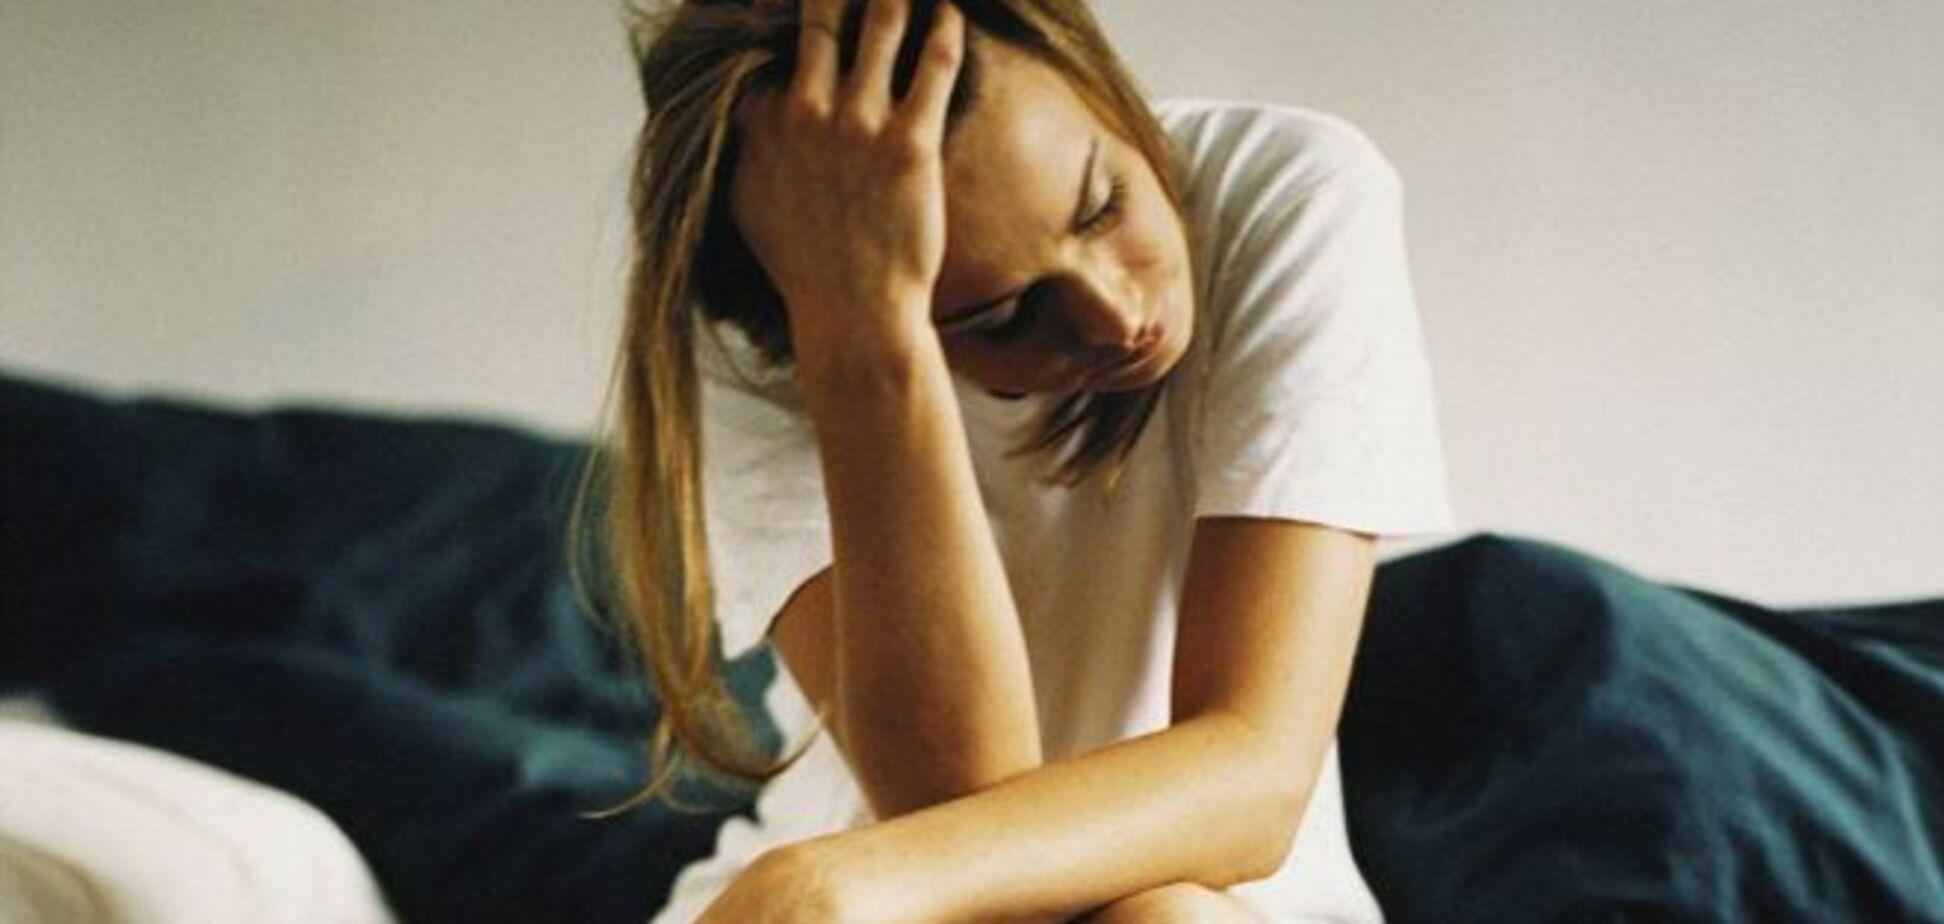 Как вылечить болезненный половой акт: врачи рекомендуют